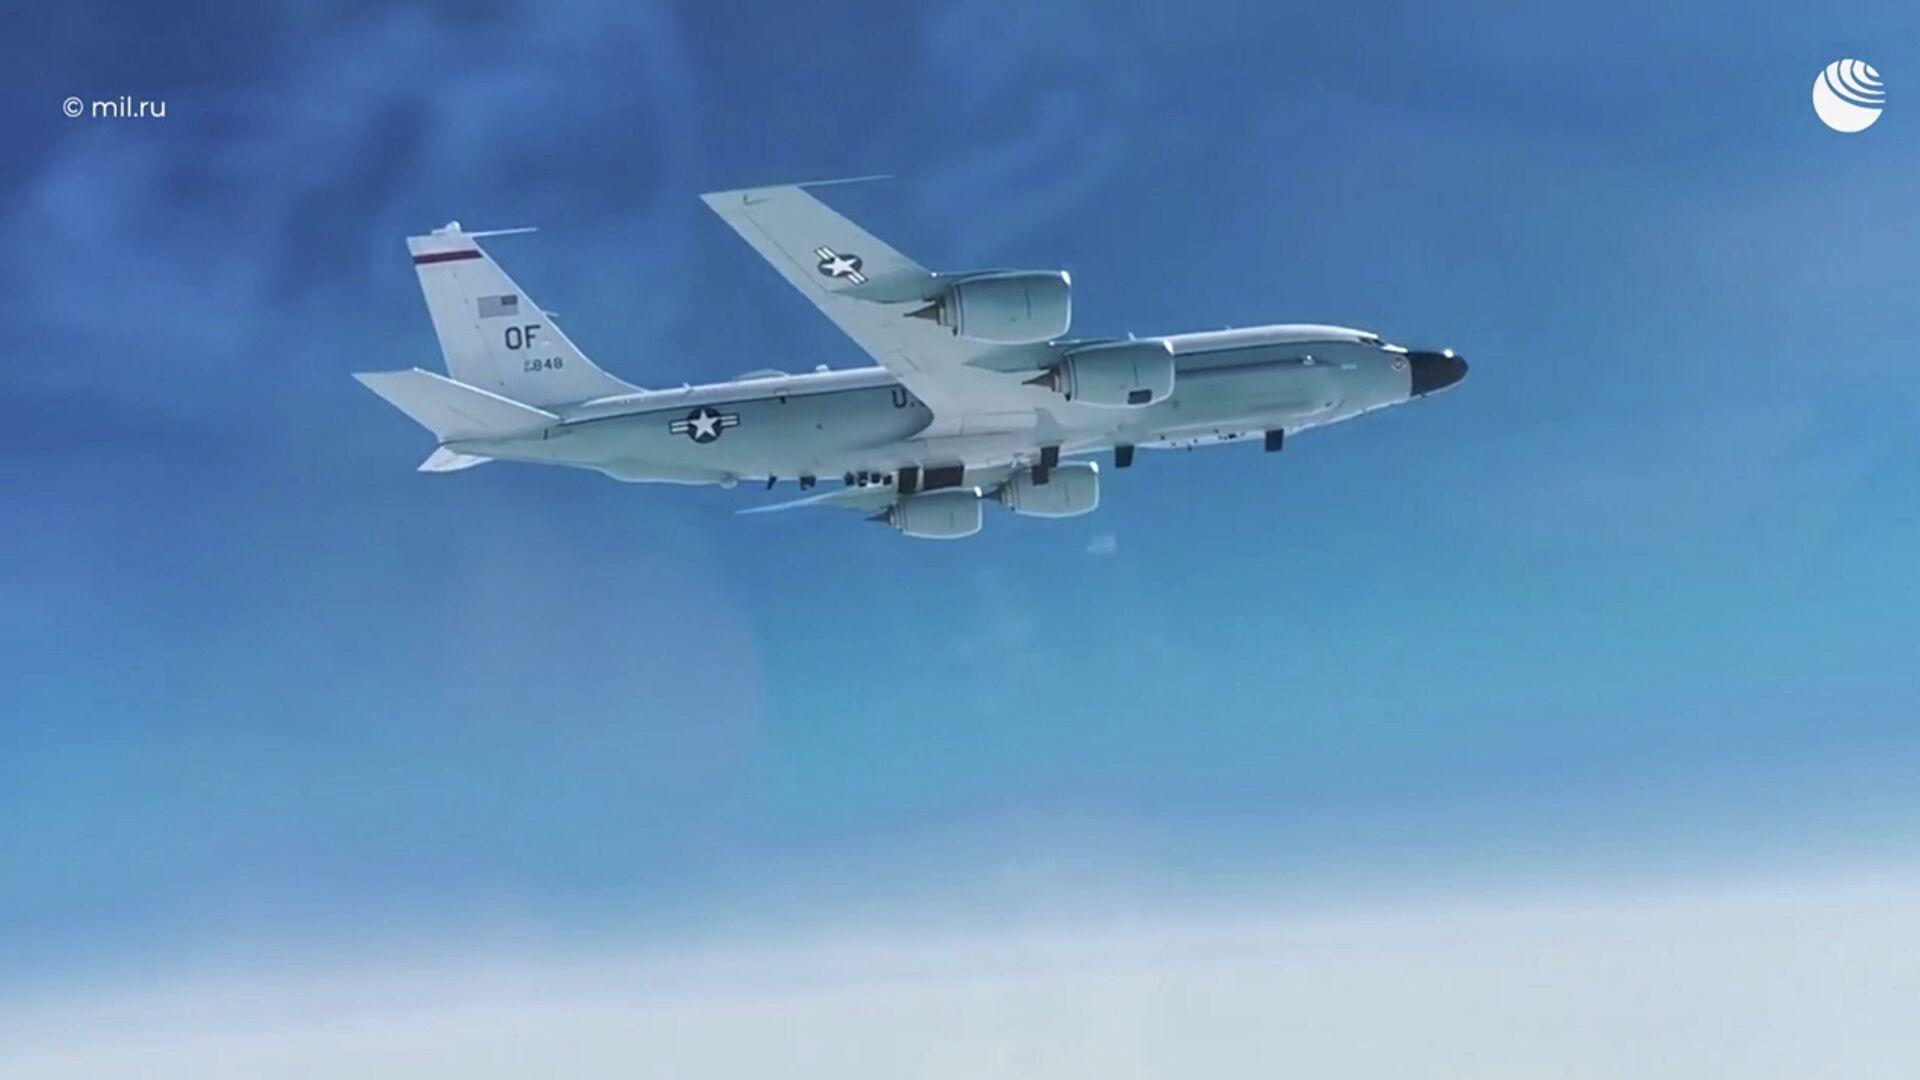 Ruski lovac MiG-31 presreo američki izviđački avion